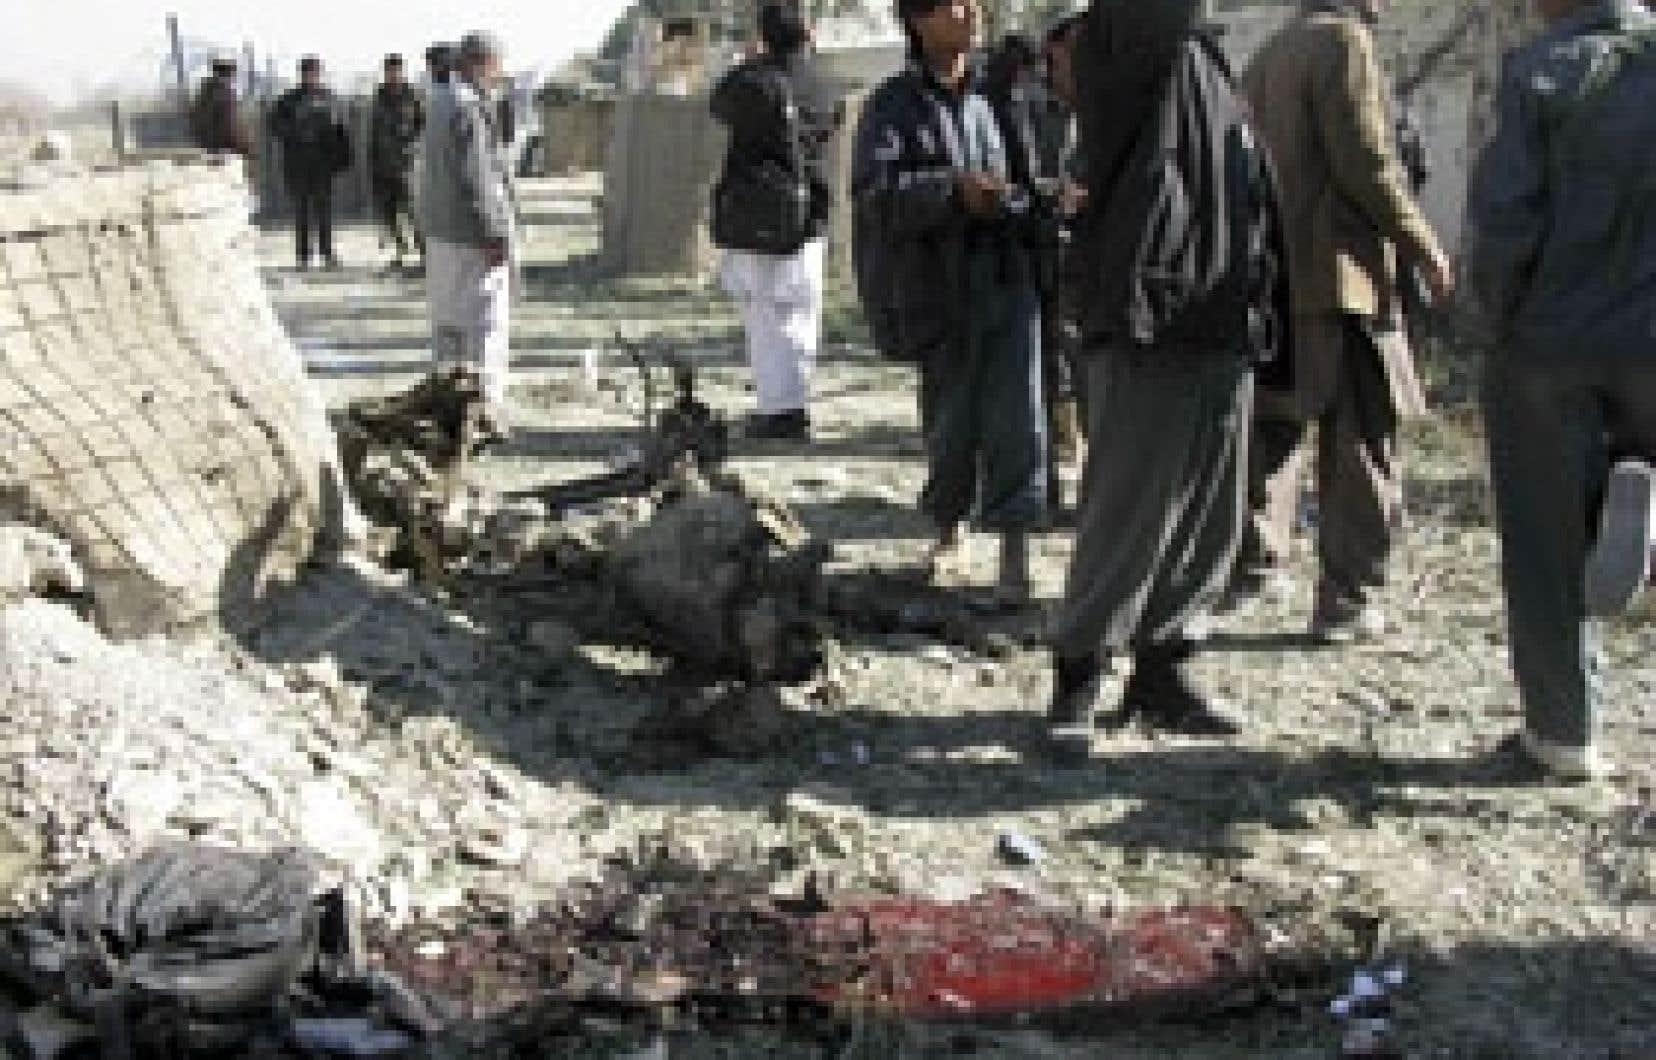 Des policiers afghans inspectent le site où sept civils, dont quatre enfants, ont été tués et une trentaine de collégiens blessés par l'explosion d'une voiture piégée près d'une école, à Khost, dans l'est de l'Afghanistan.